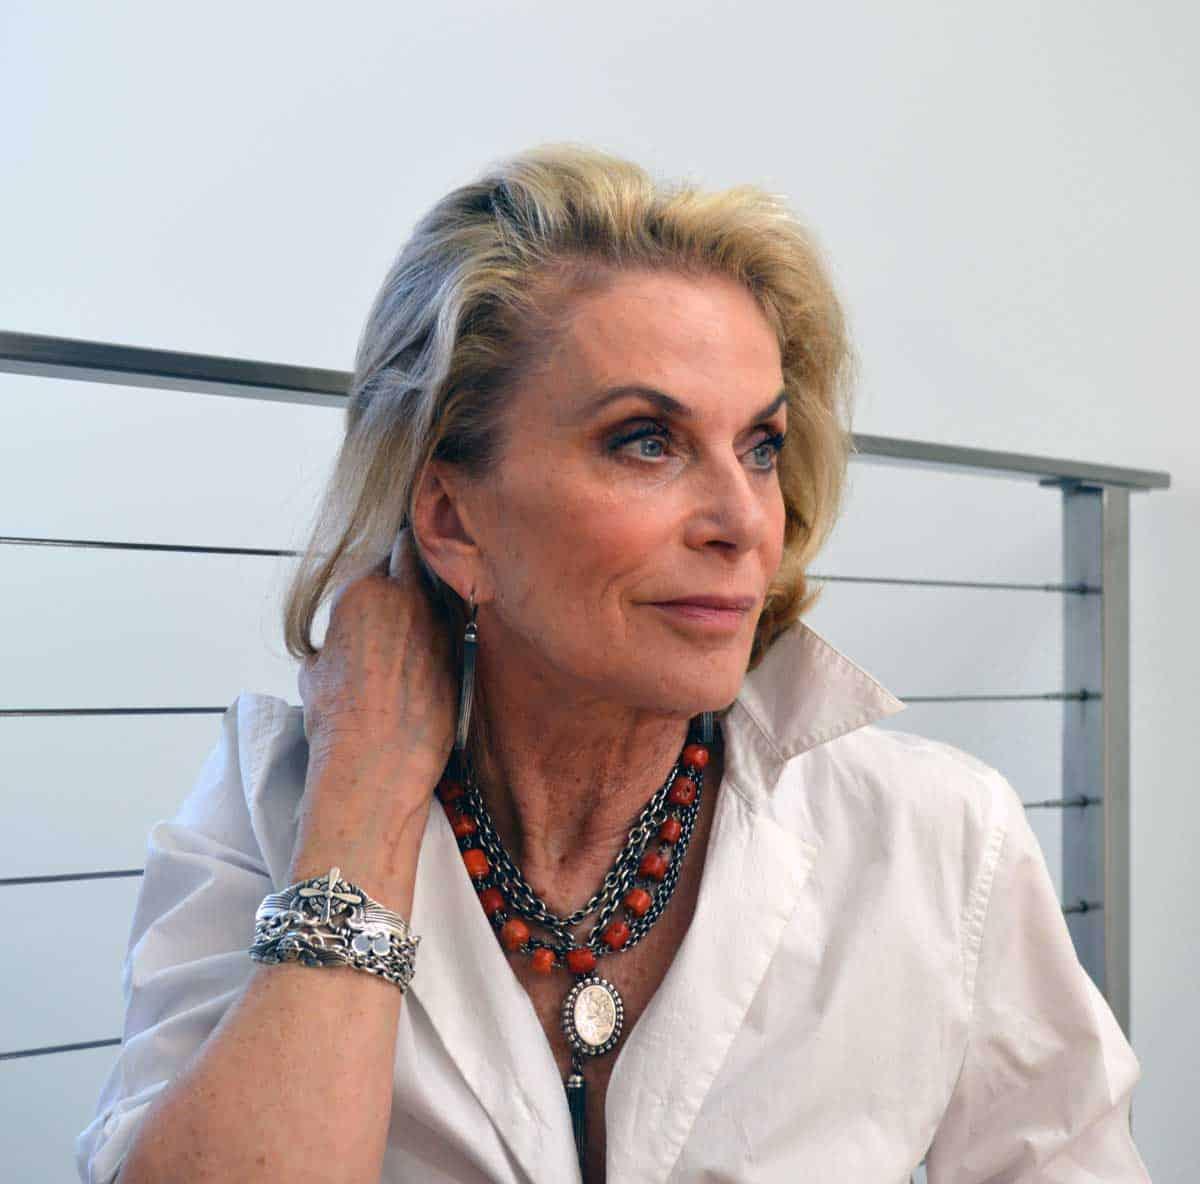 Chantal Westerman wearing Kary Kjesbo Designs jewelry